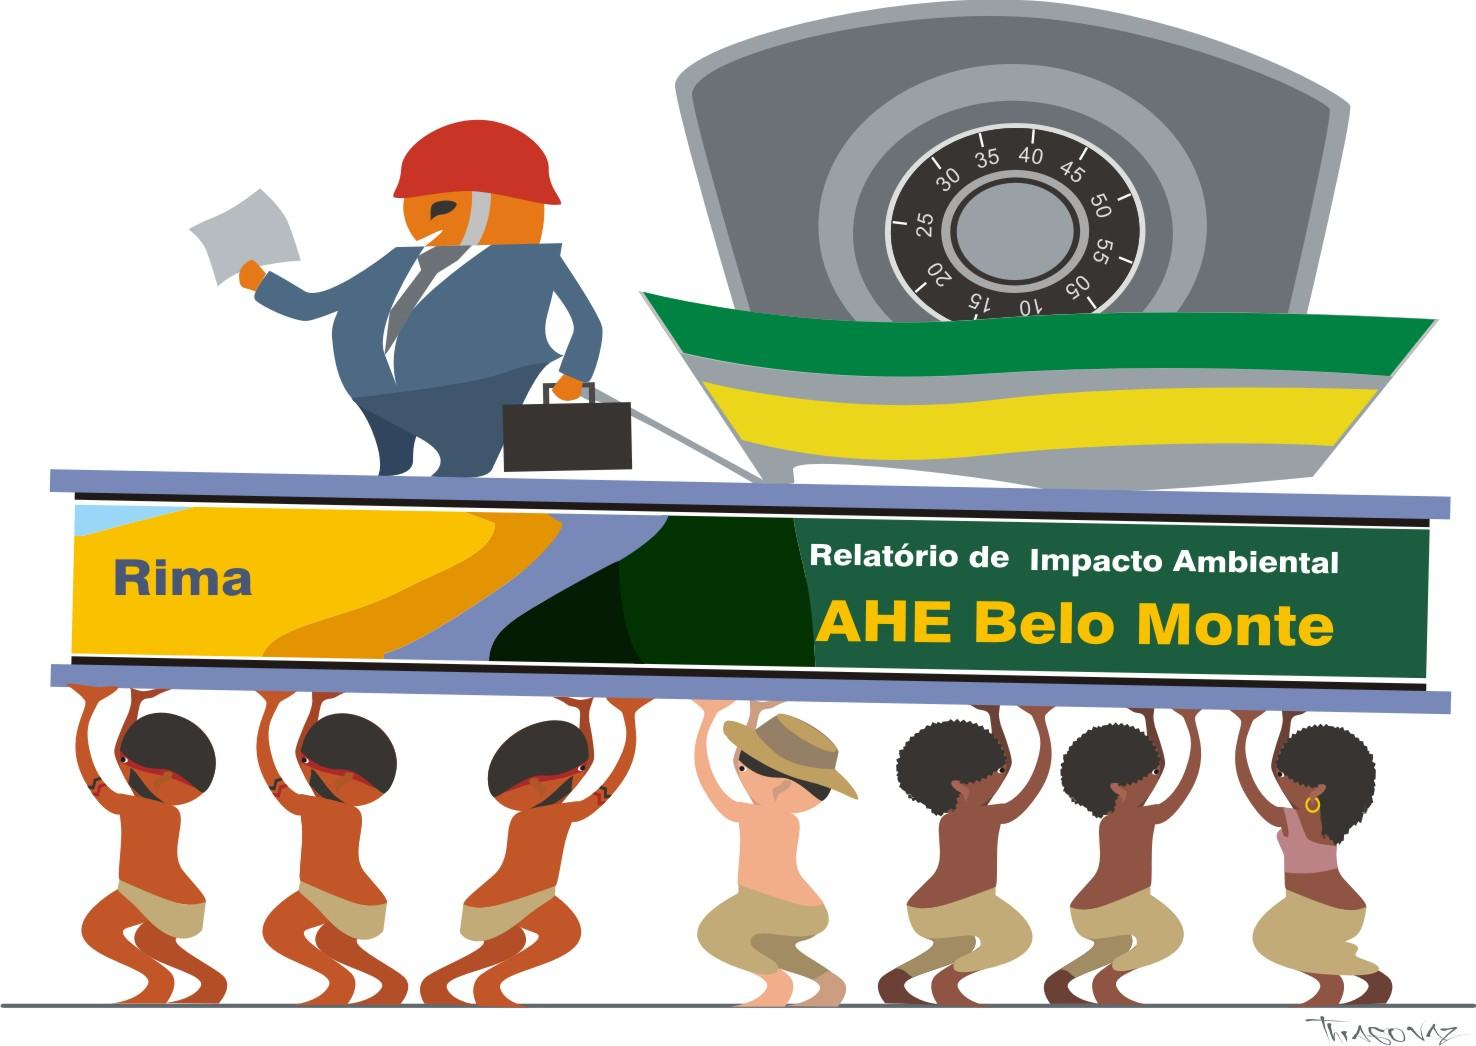 Uma leitura crítica do RIMA – AHE Belo Monte, artigo de Paulo Sanda (2)